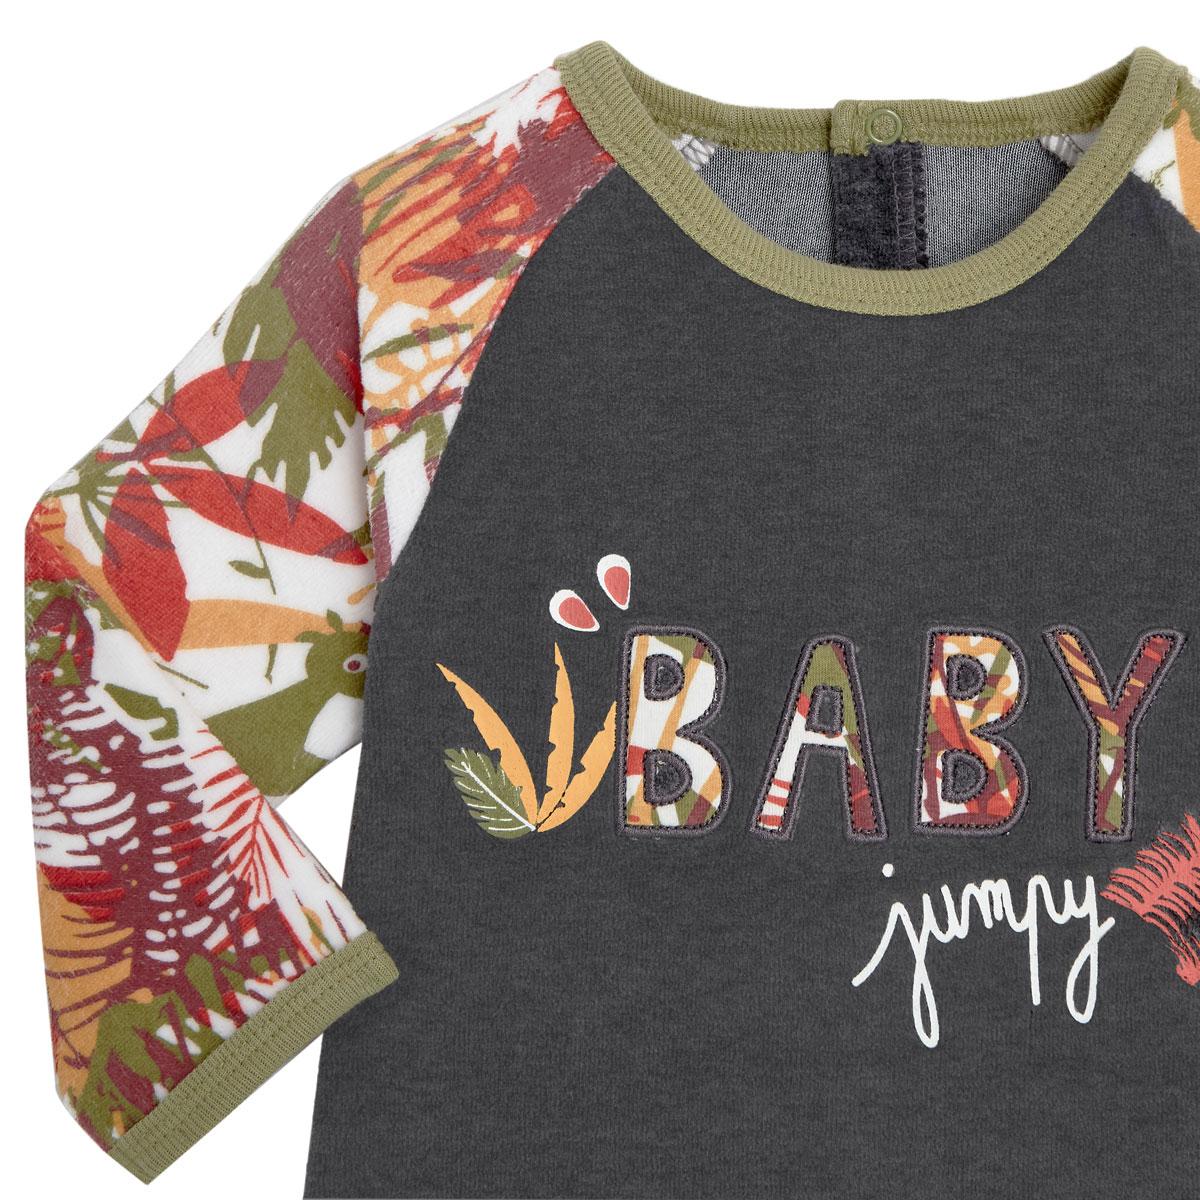 Pyjama bébé en velours contenant du coton bio Baby Jumpy zoom